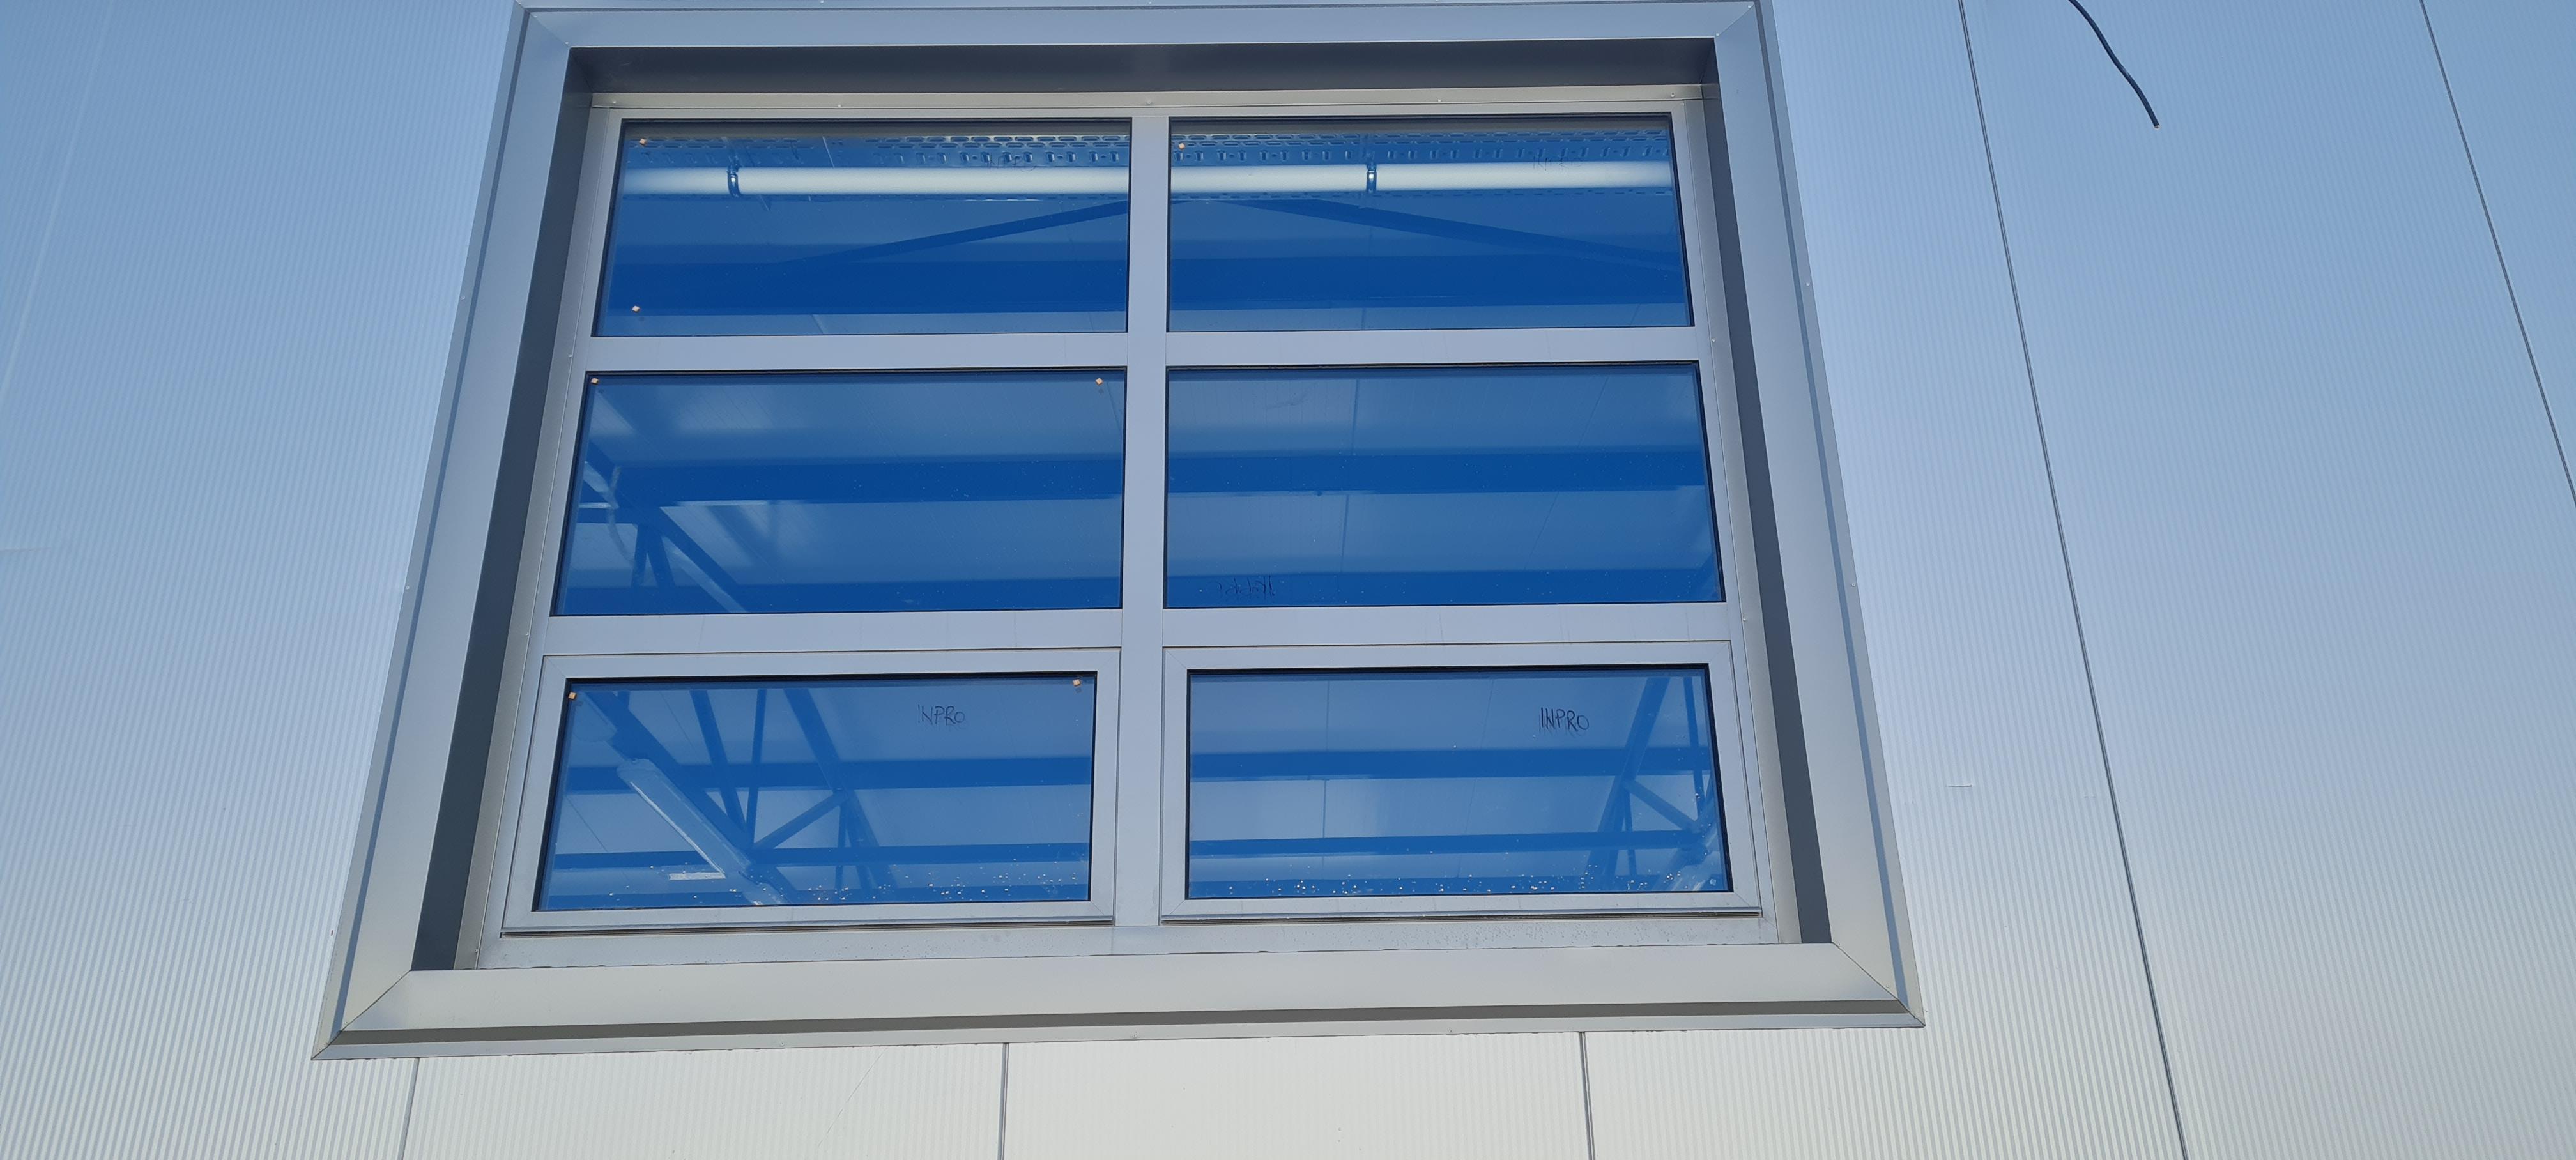 GRP Centar - Proizvodna hala - Spoljašnji izgled PVC prozora